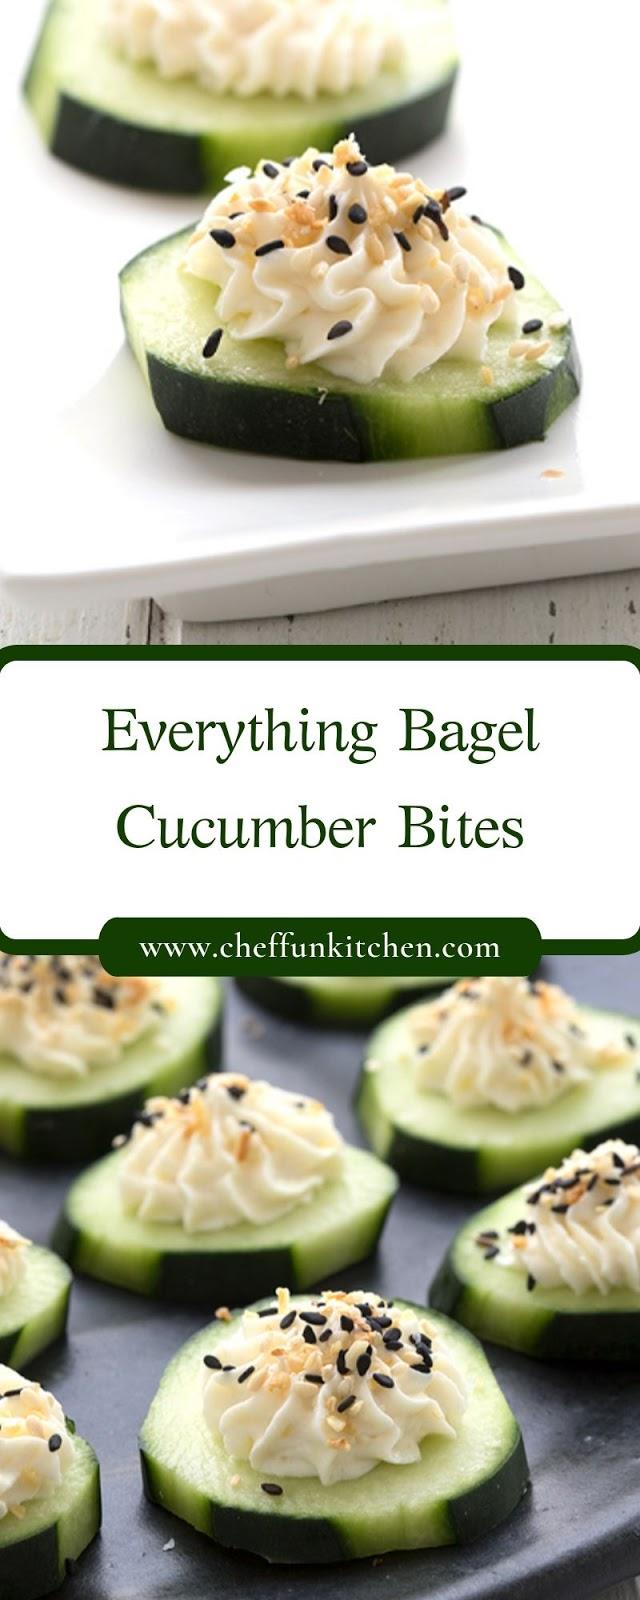 Everything Bagel Cucumber Bites